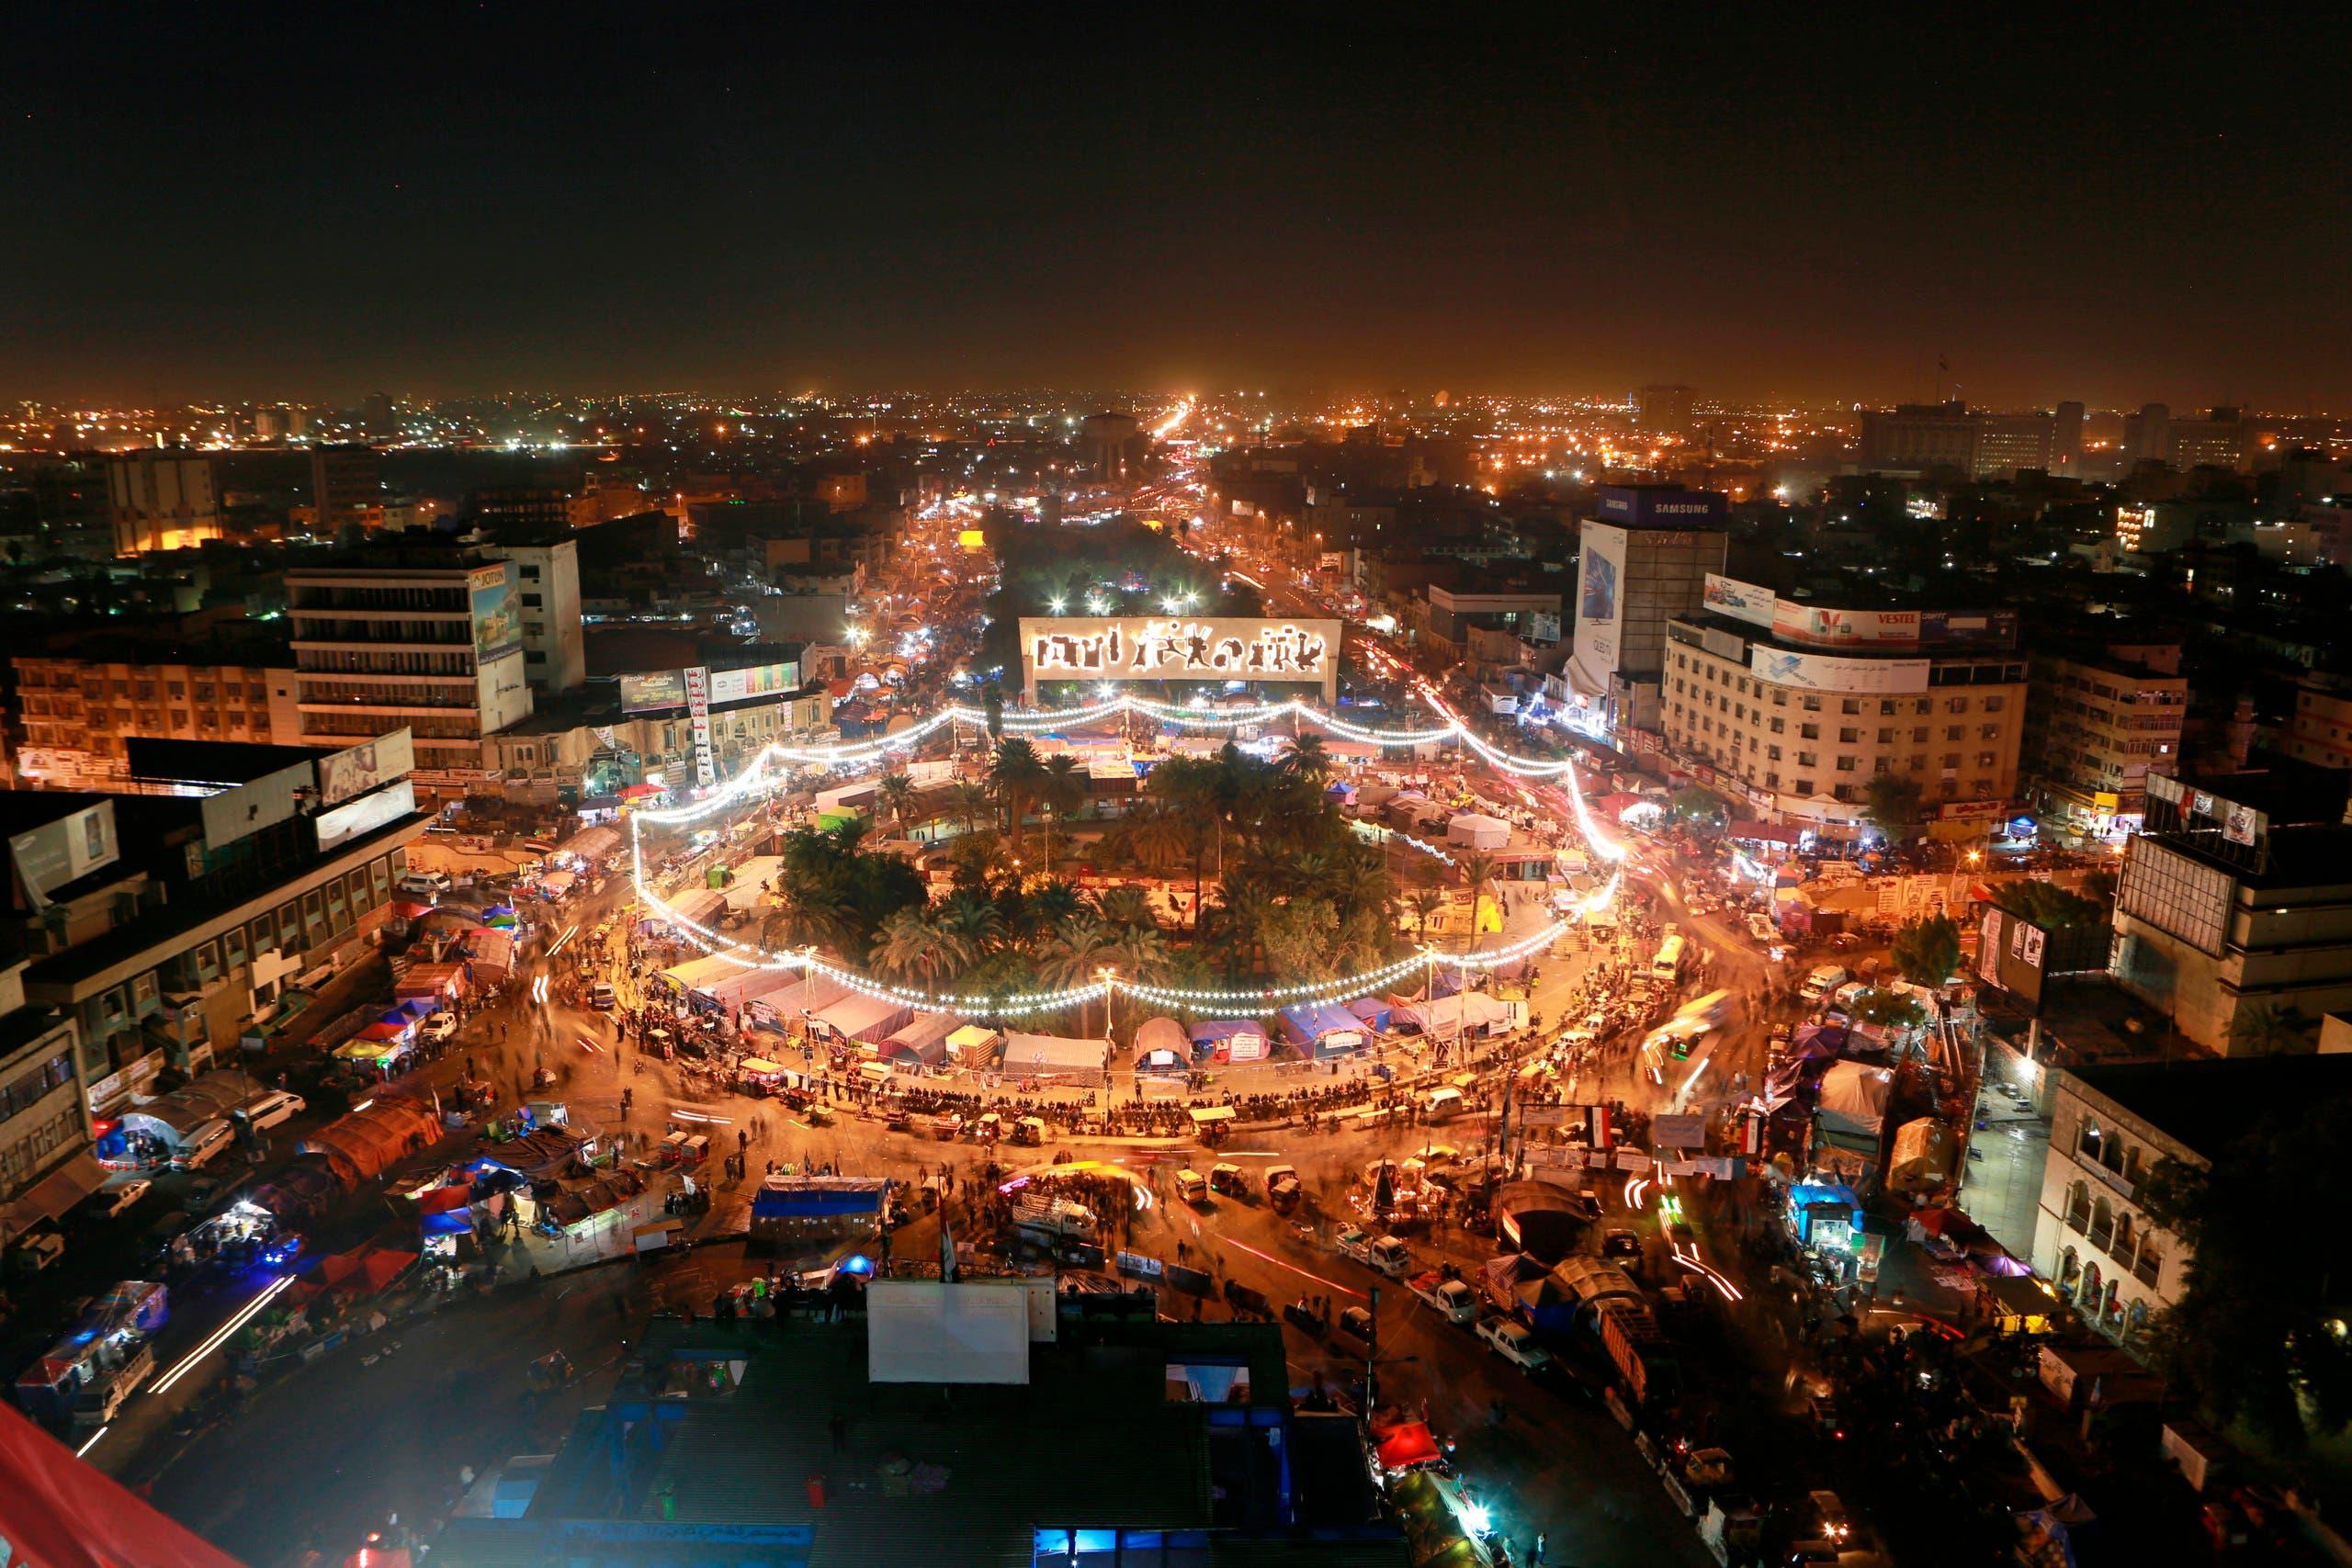 من احتجاجات العراق - ساحة التحرير